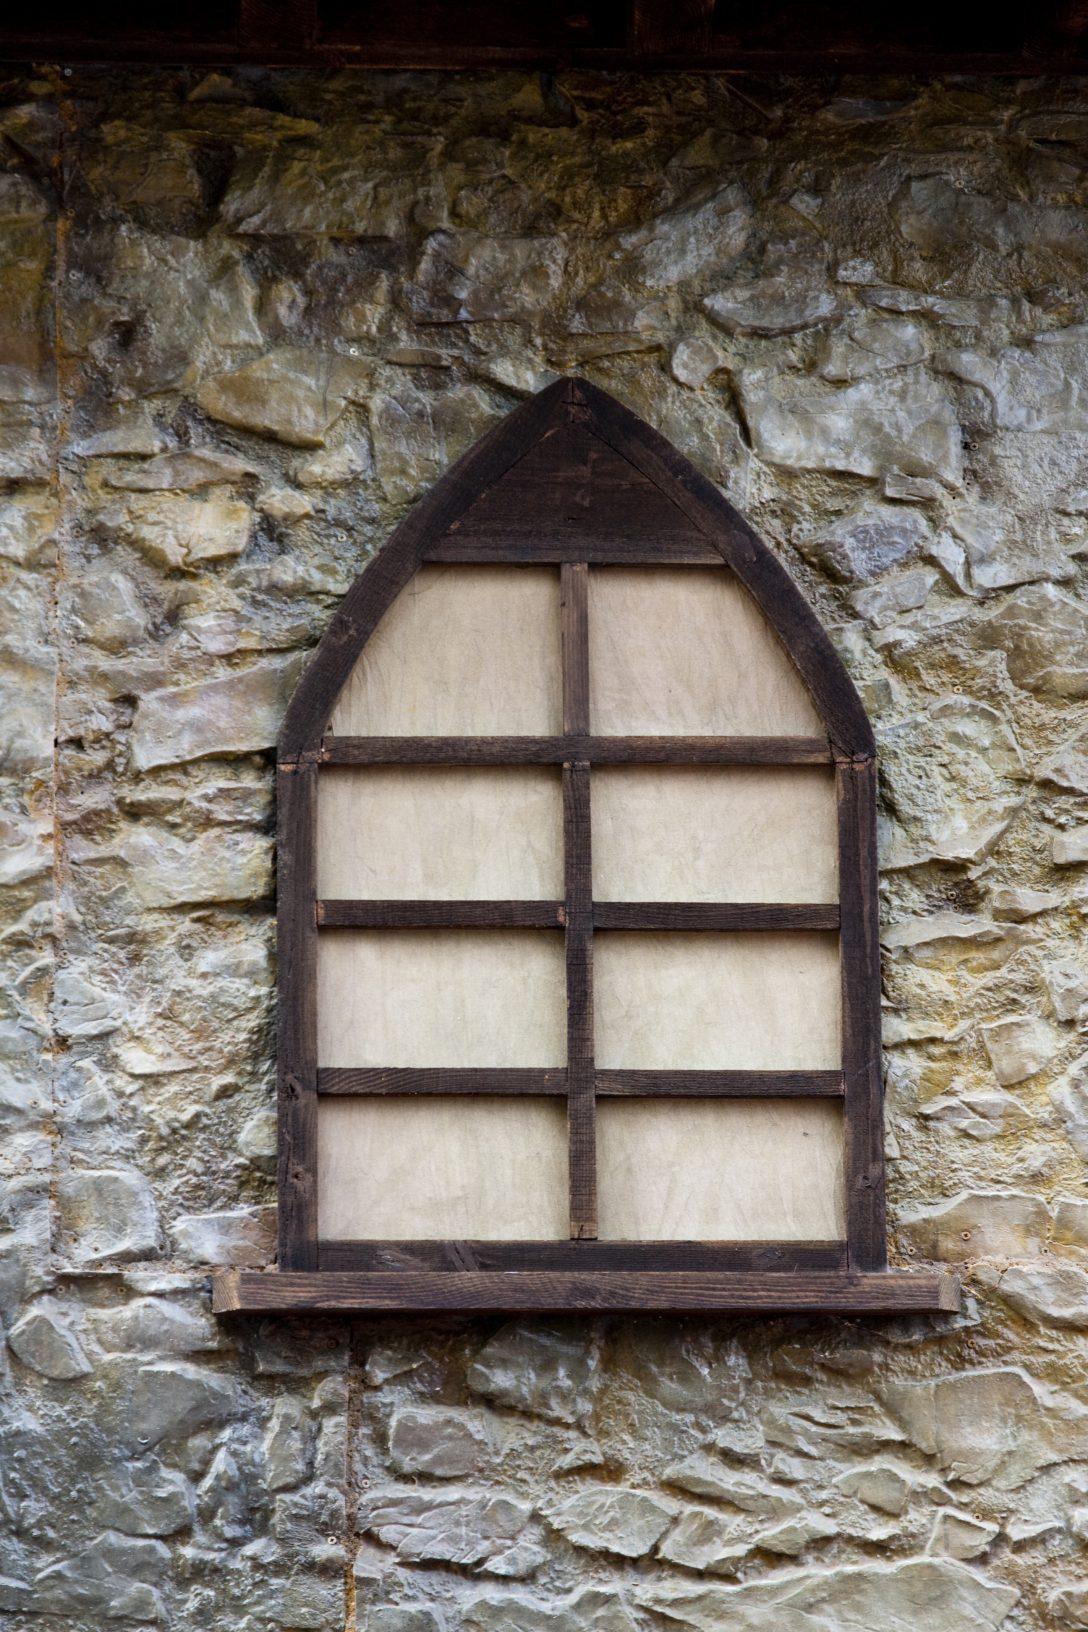 Large Size of Polnische Fenster Fensterbauer Mit Montage Polen Fensterhersteller Kaufen Suche Firma Erfahrungen Auswechseln Der Fensterrahmen Und Wanddmmschicht Tauschen Fenster Polnische Fenster